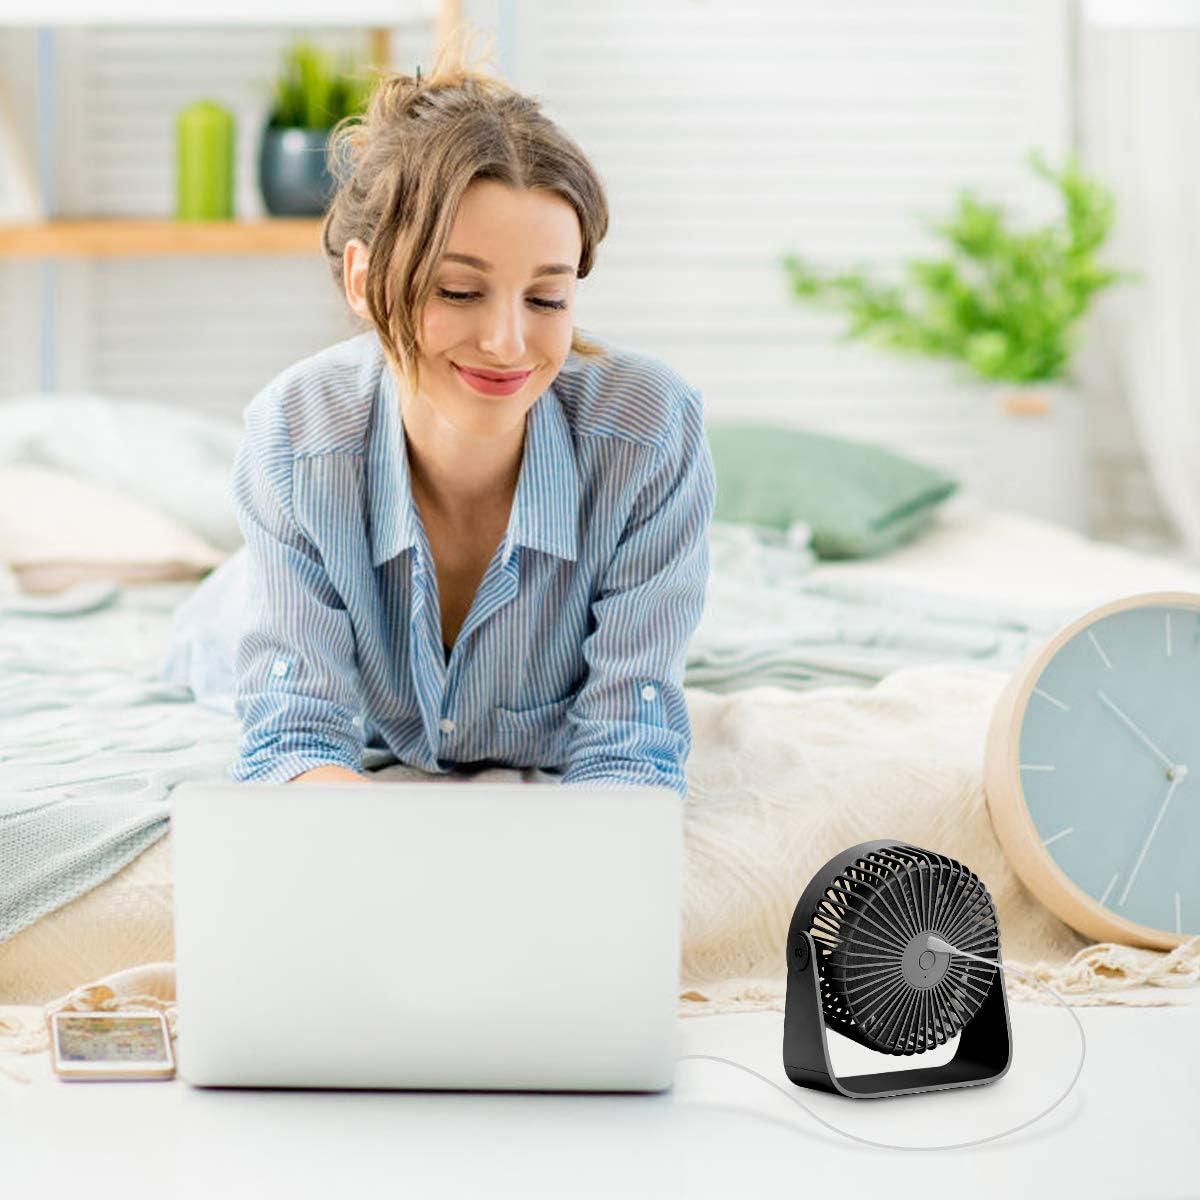 Ventilador USB de Escritorio Ventilador USB 3 Ajustable para Oficina Viaje(Negro) Hogar Ventilador 360 /° Rotaci/ón,Ventilador de Mesa Silencioso Mini Ventiladores de Sobremesa